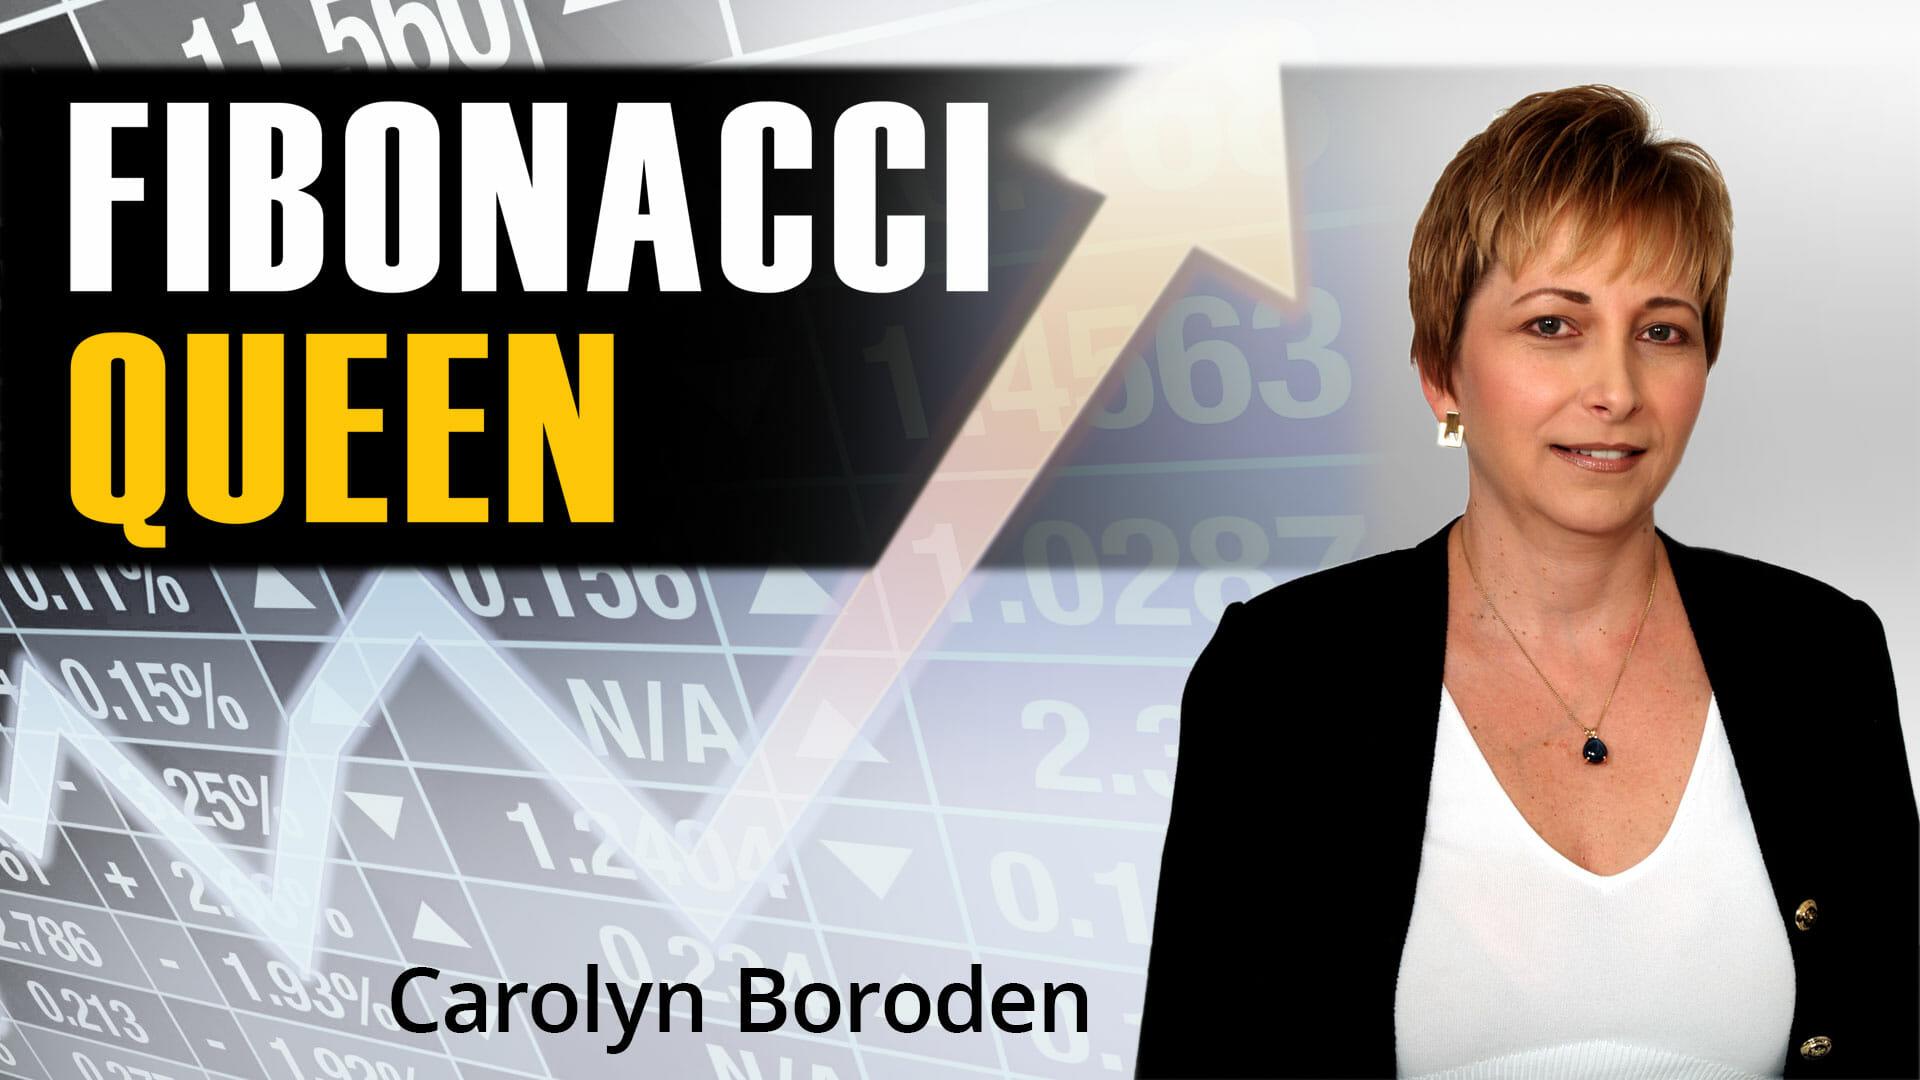 Fibonacci Queen free daily